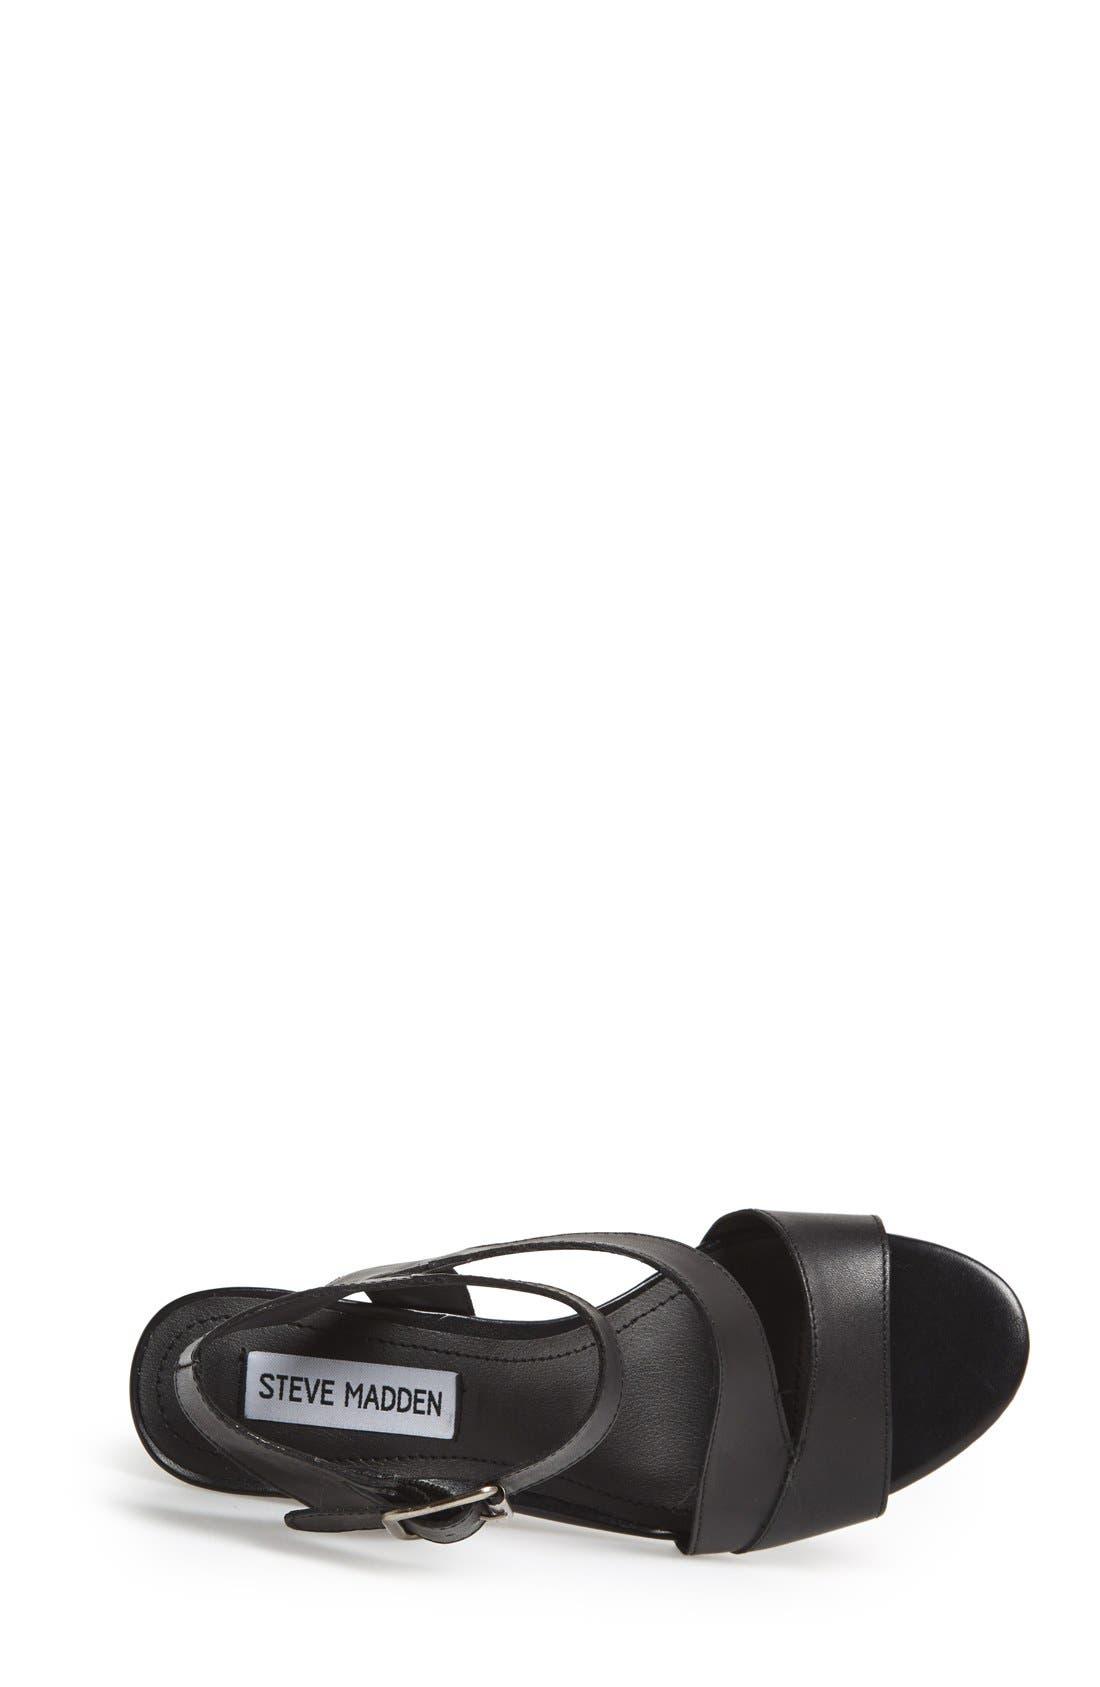 STEVE MADDEN,                             'Stipend' Wedge Leather Sandal,                             Alternate thumbnail 3, color,                             001